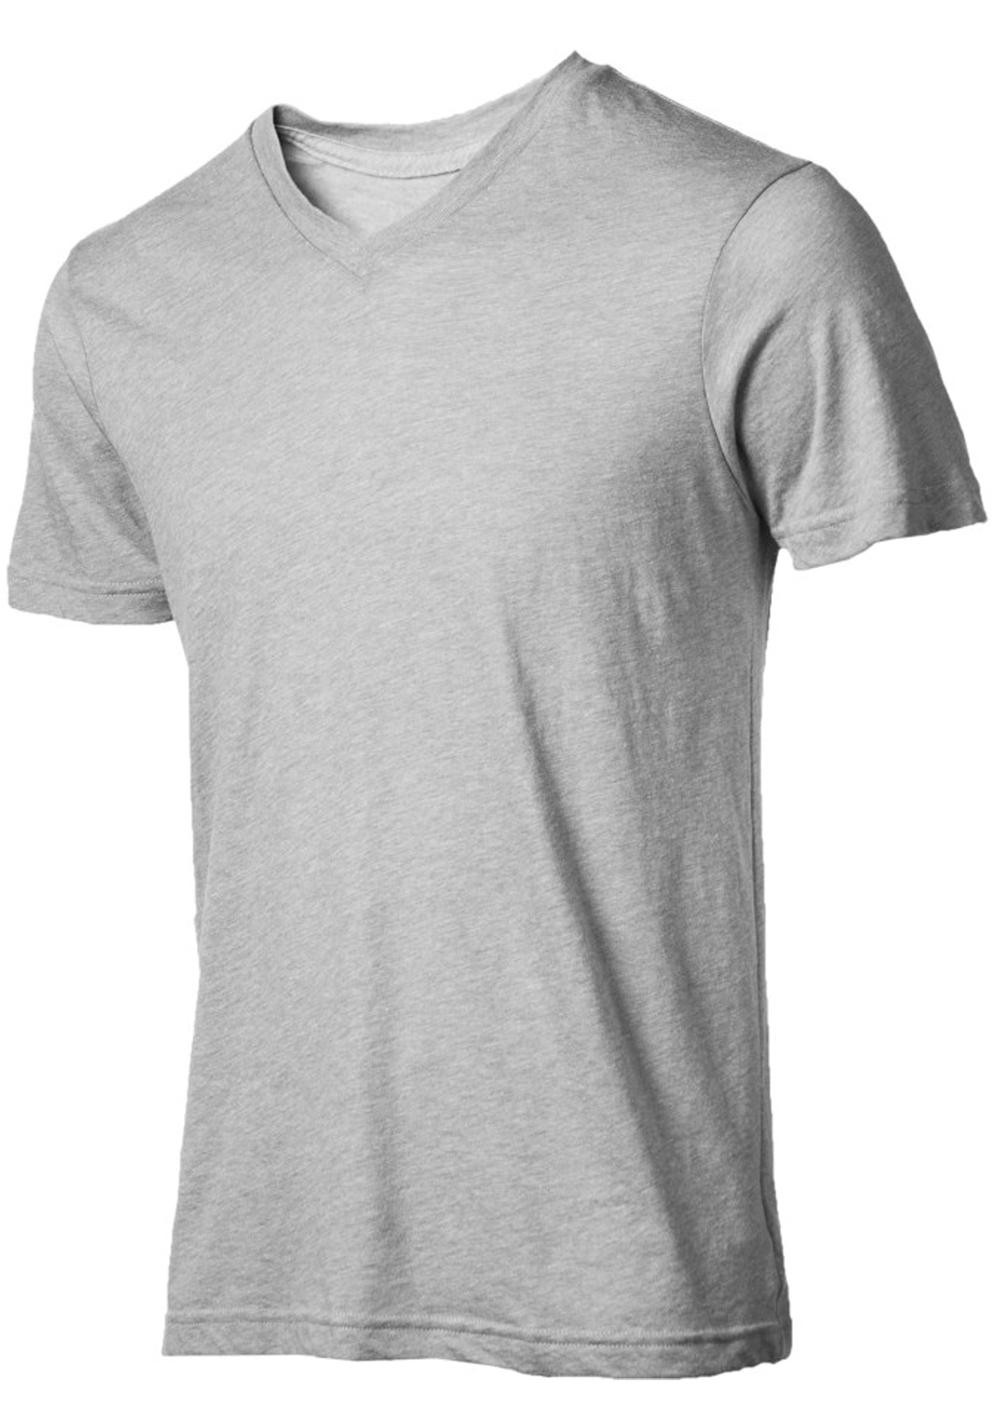 Mens 100 polyester plain v neck t shirt buy plain v for Polyester t shirts for men